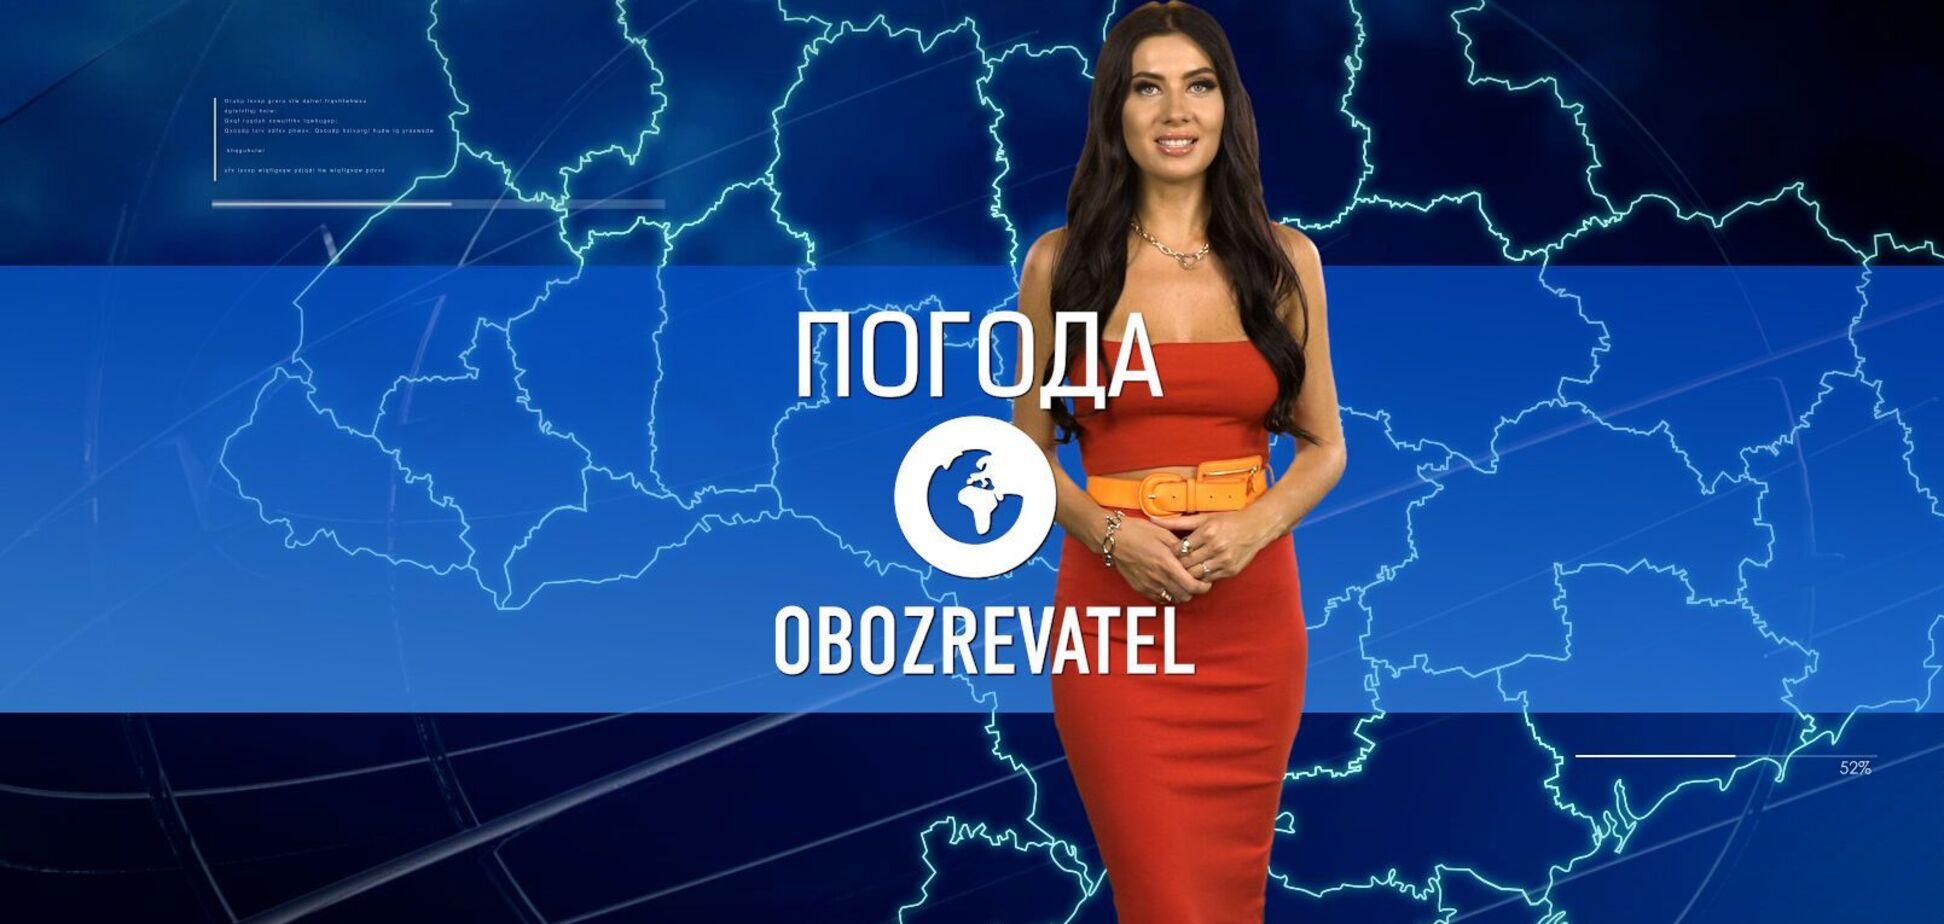 Прогноз погоды в Украине на пятницу, 16 июля, с Алисой Мярковской